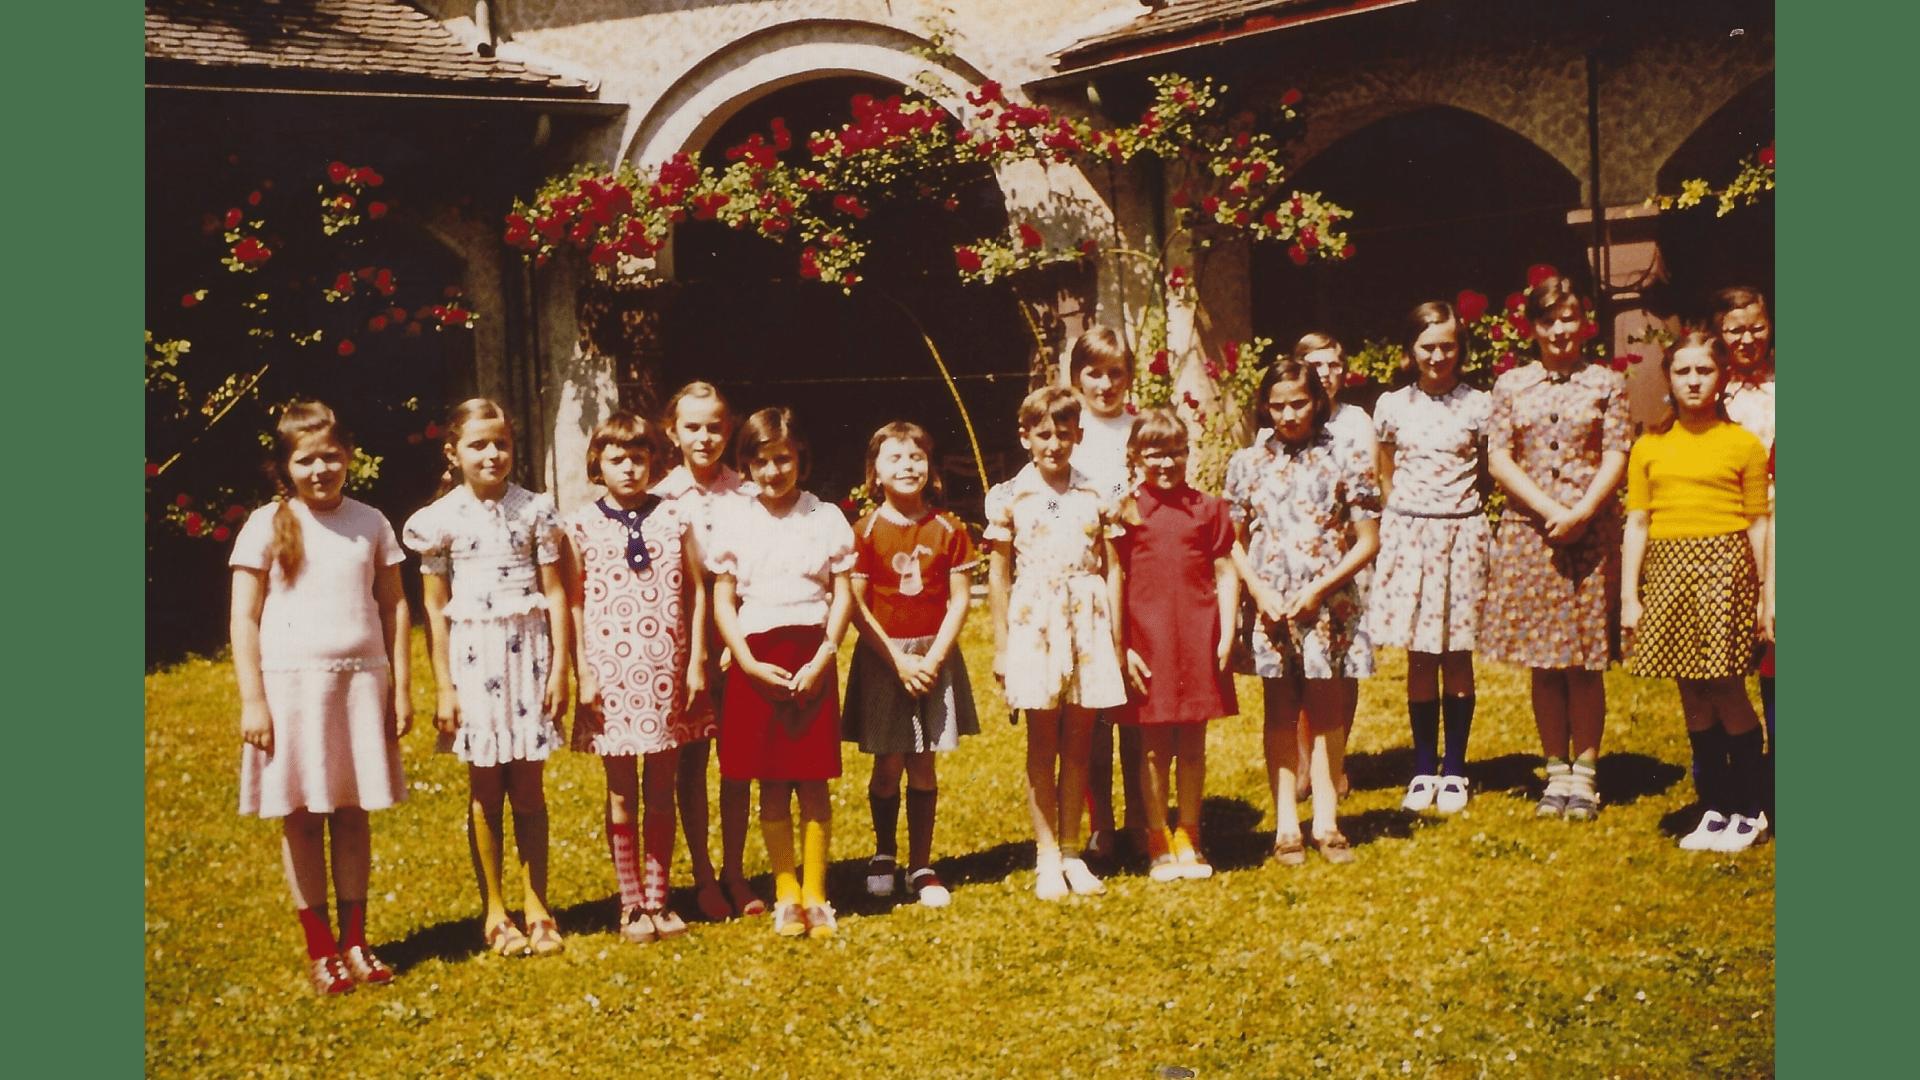 Der Klostergarten lädt zum Spielen in der Freizeit ein, Bild von 1966.  – Foto:- Archiv Arme Schulschwestern